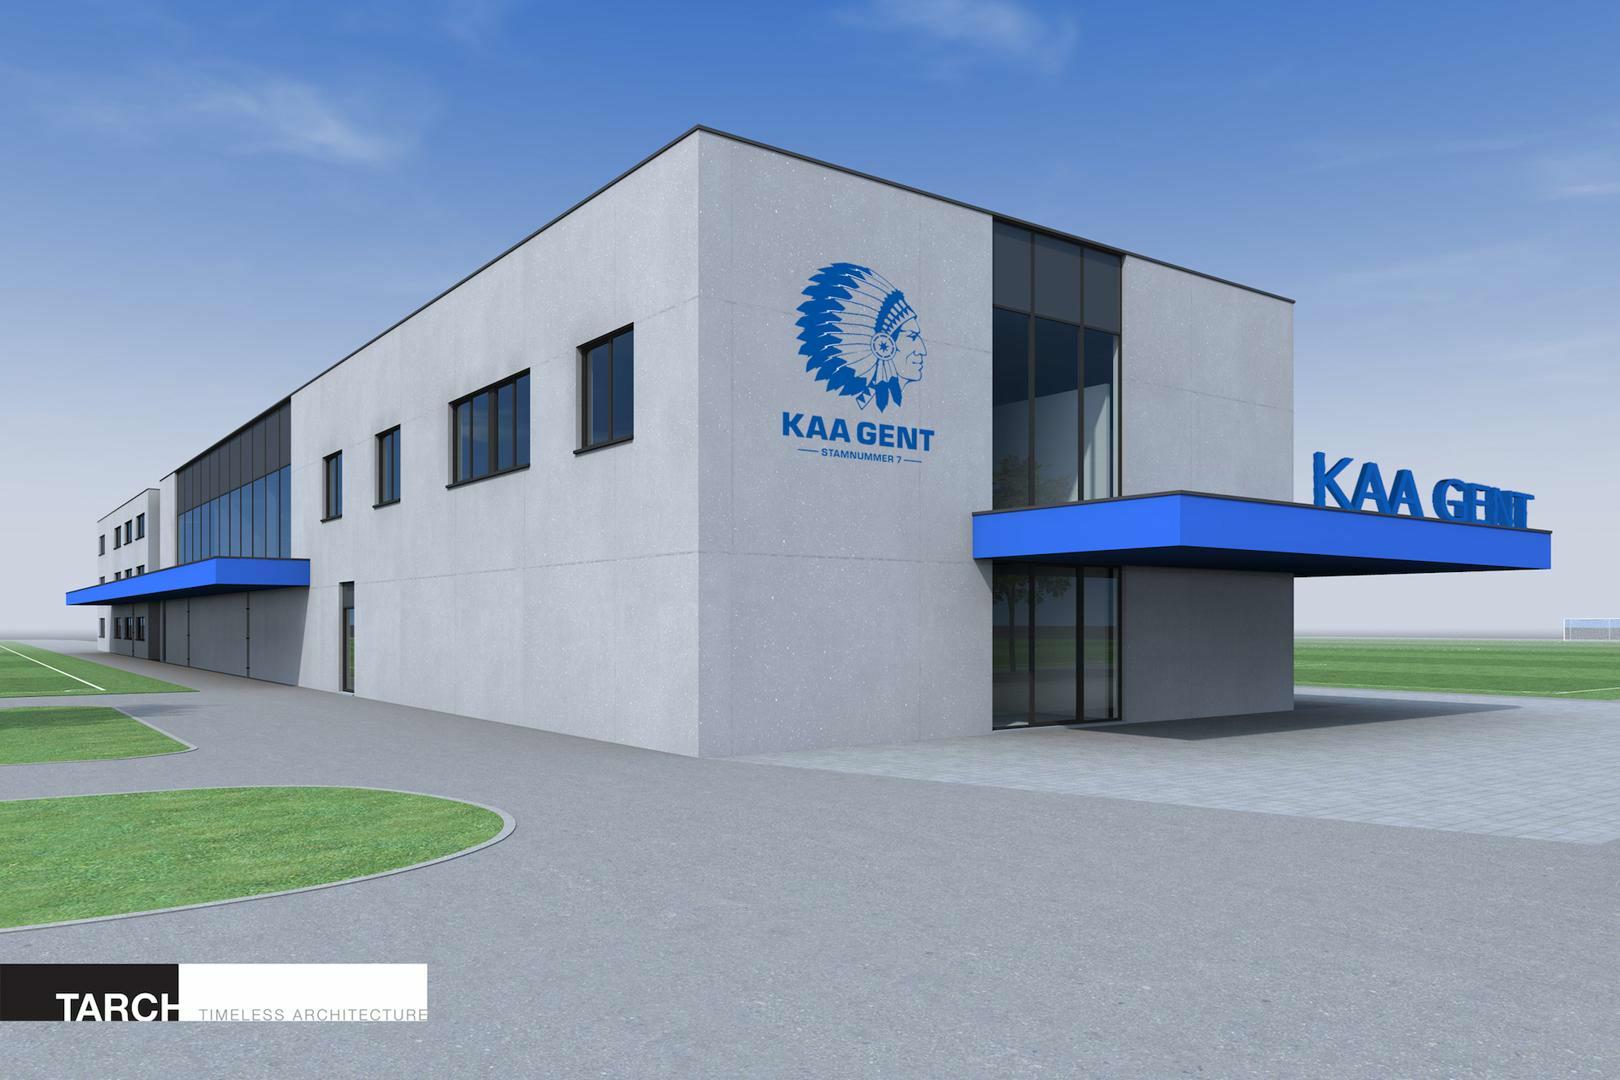 Gloednieuw Oefencomplex KAA Gent officieel geopend